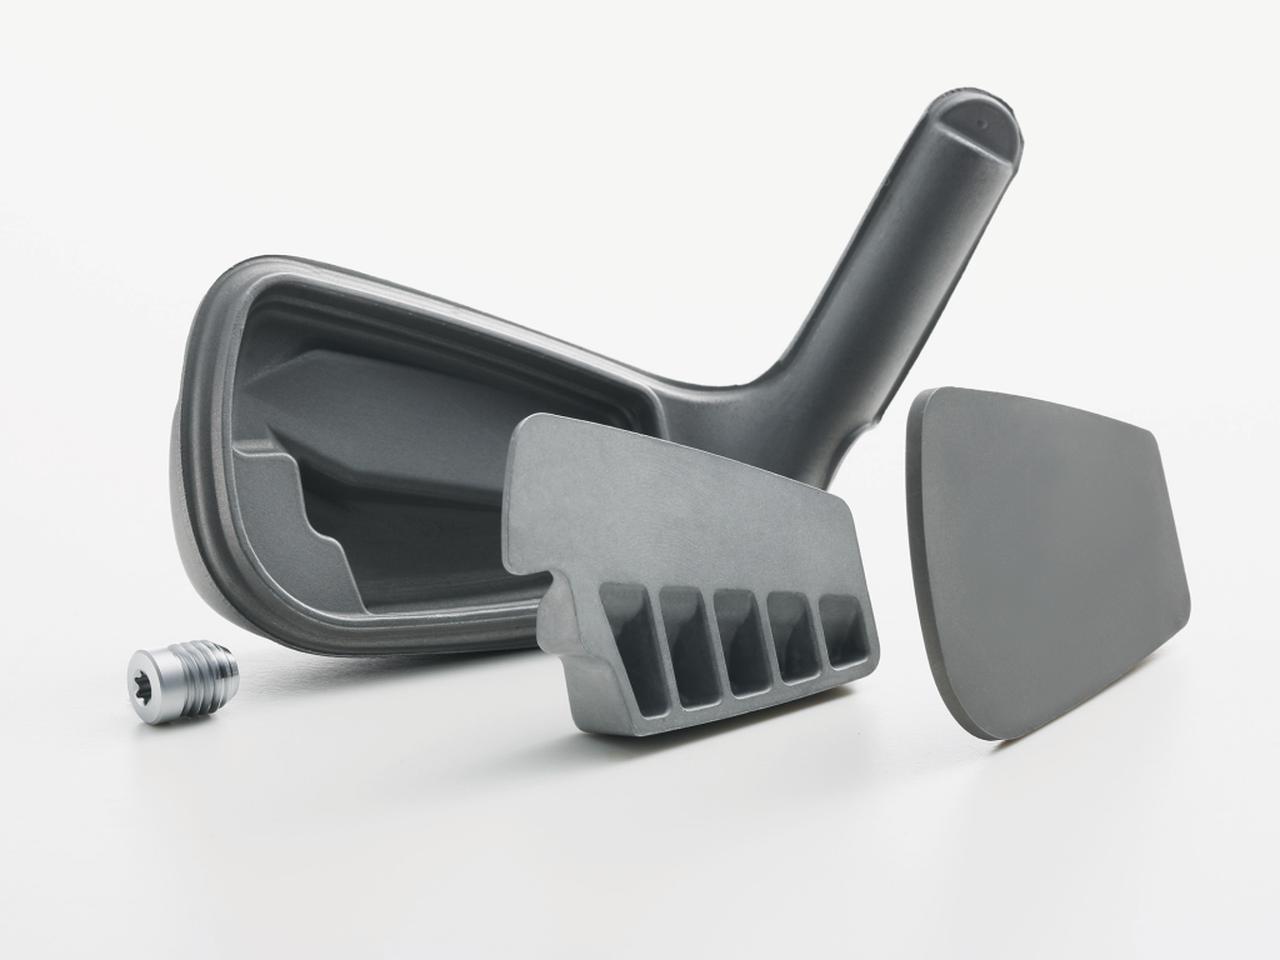 画像: i59の内部設計のイメージ。カーボンスチールのボディの内部にアルミ素材のインサートを搭載している